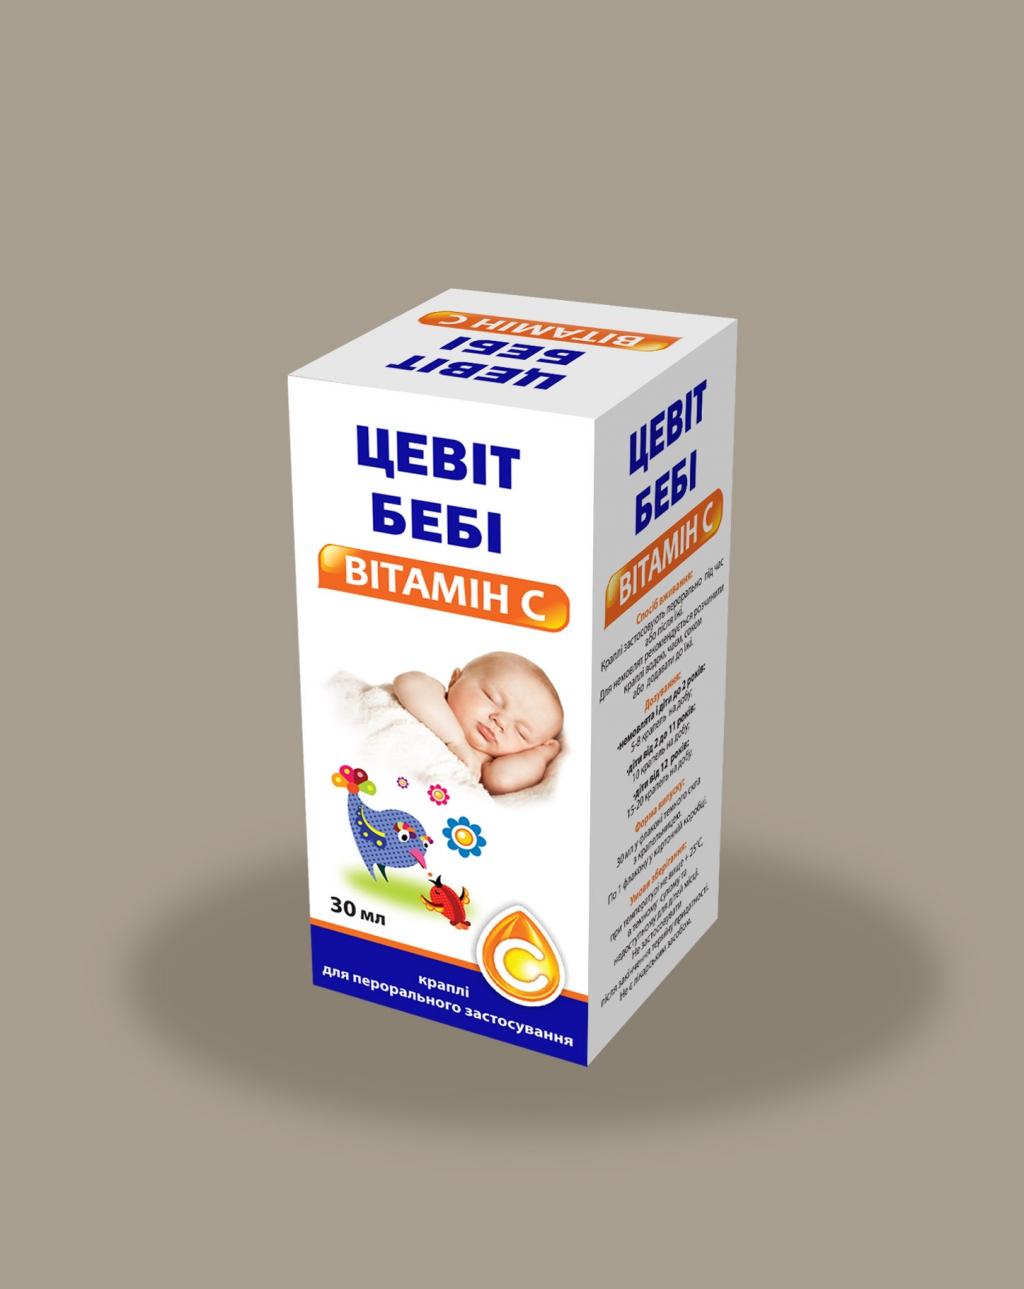 Цевит Беби - Цевит Беби - витамин С без возрастных ограничений!